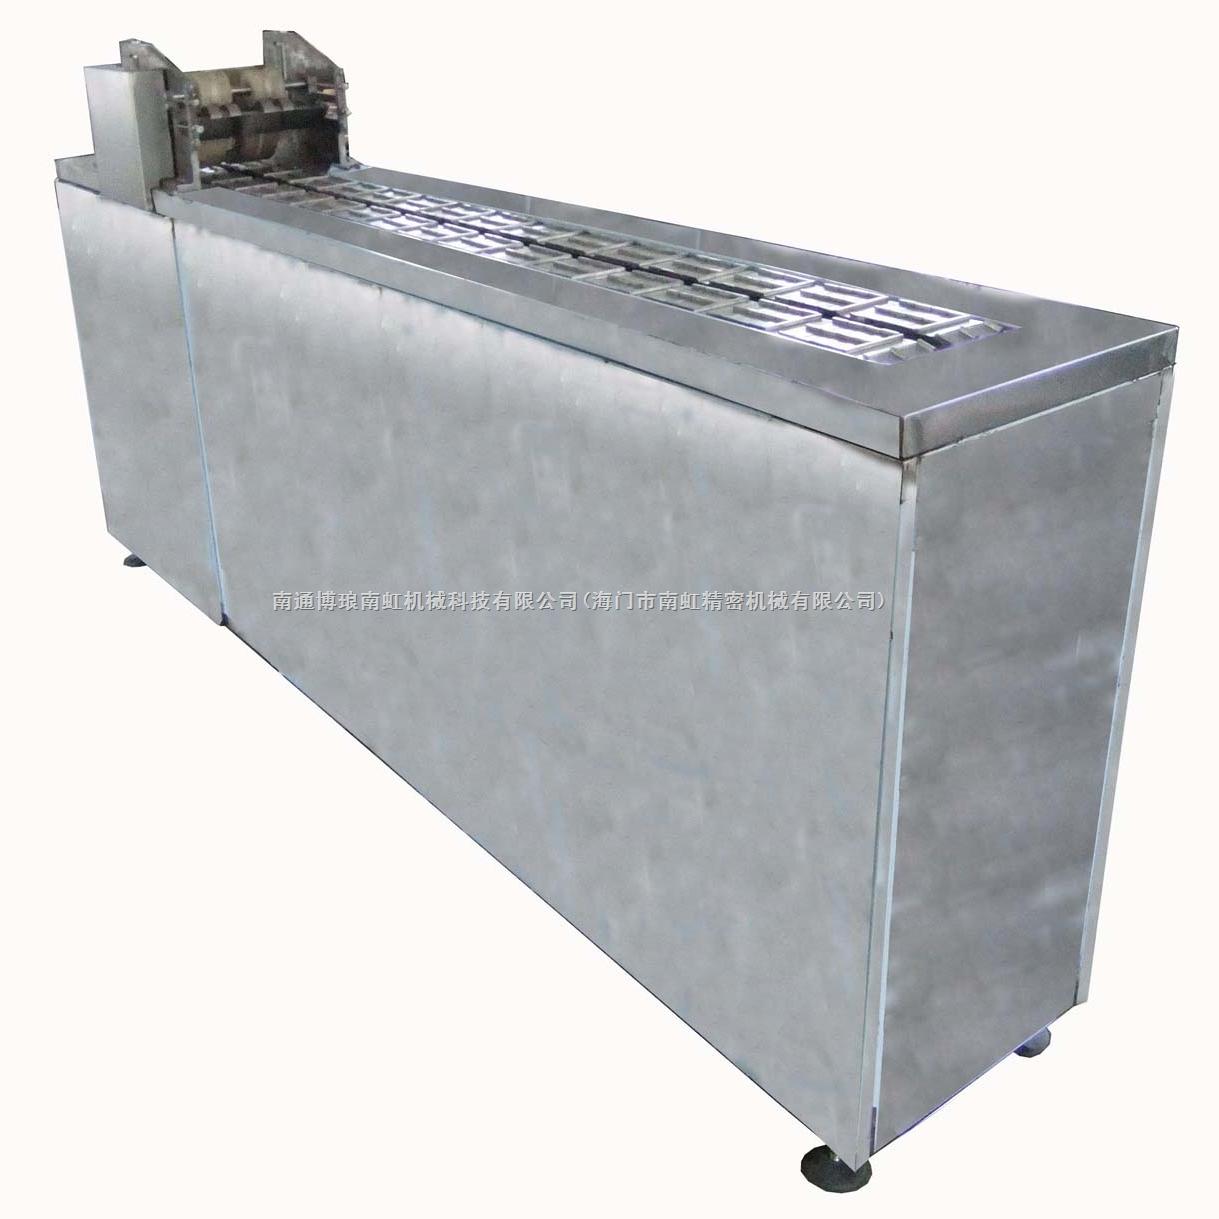 阿胶块印字机厂家